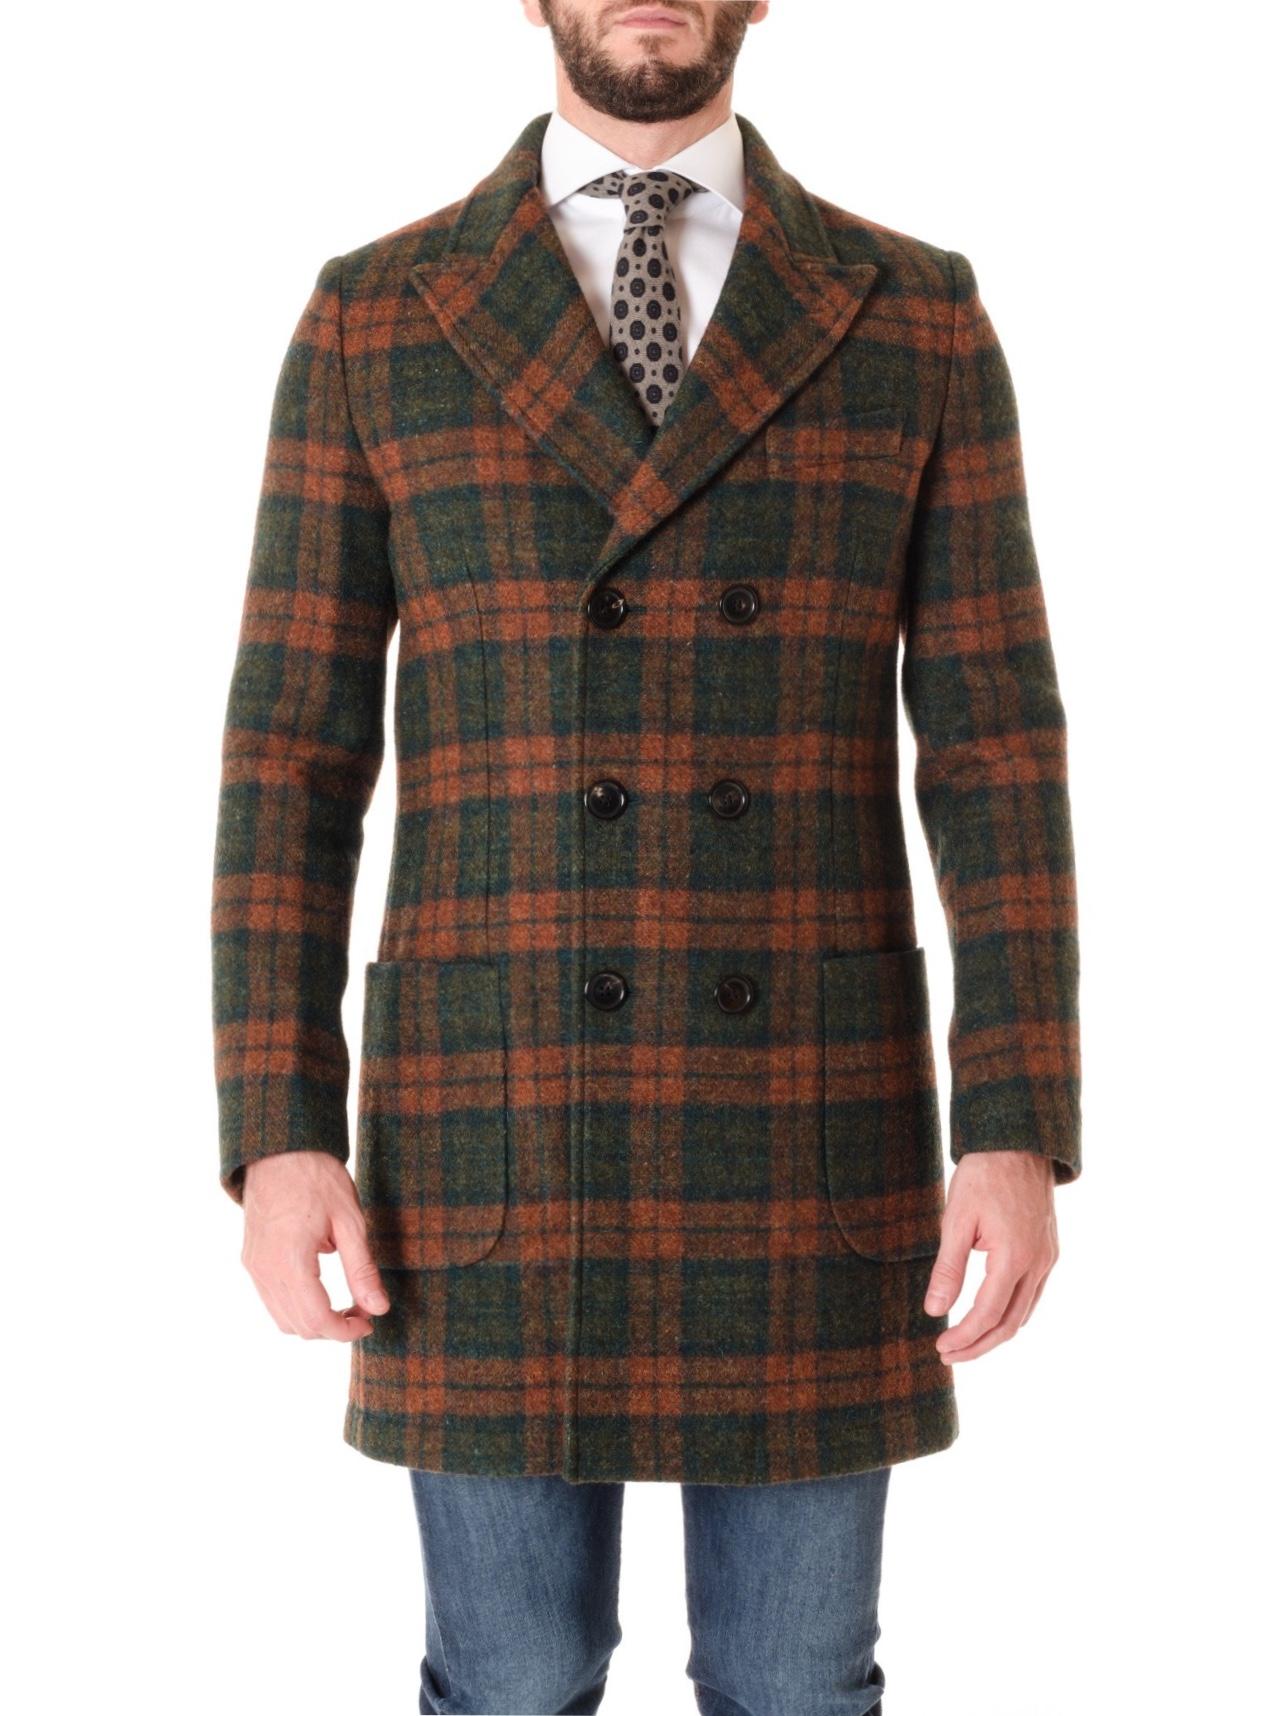 cappotto-per-uomo-ai-palto-verderuggine-pino-16-clan.jpg